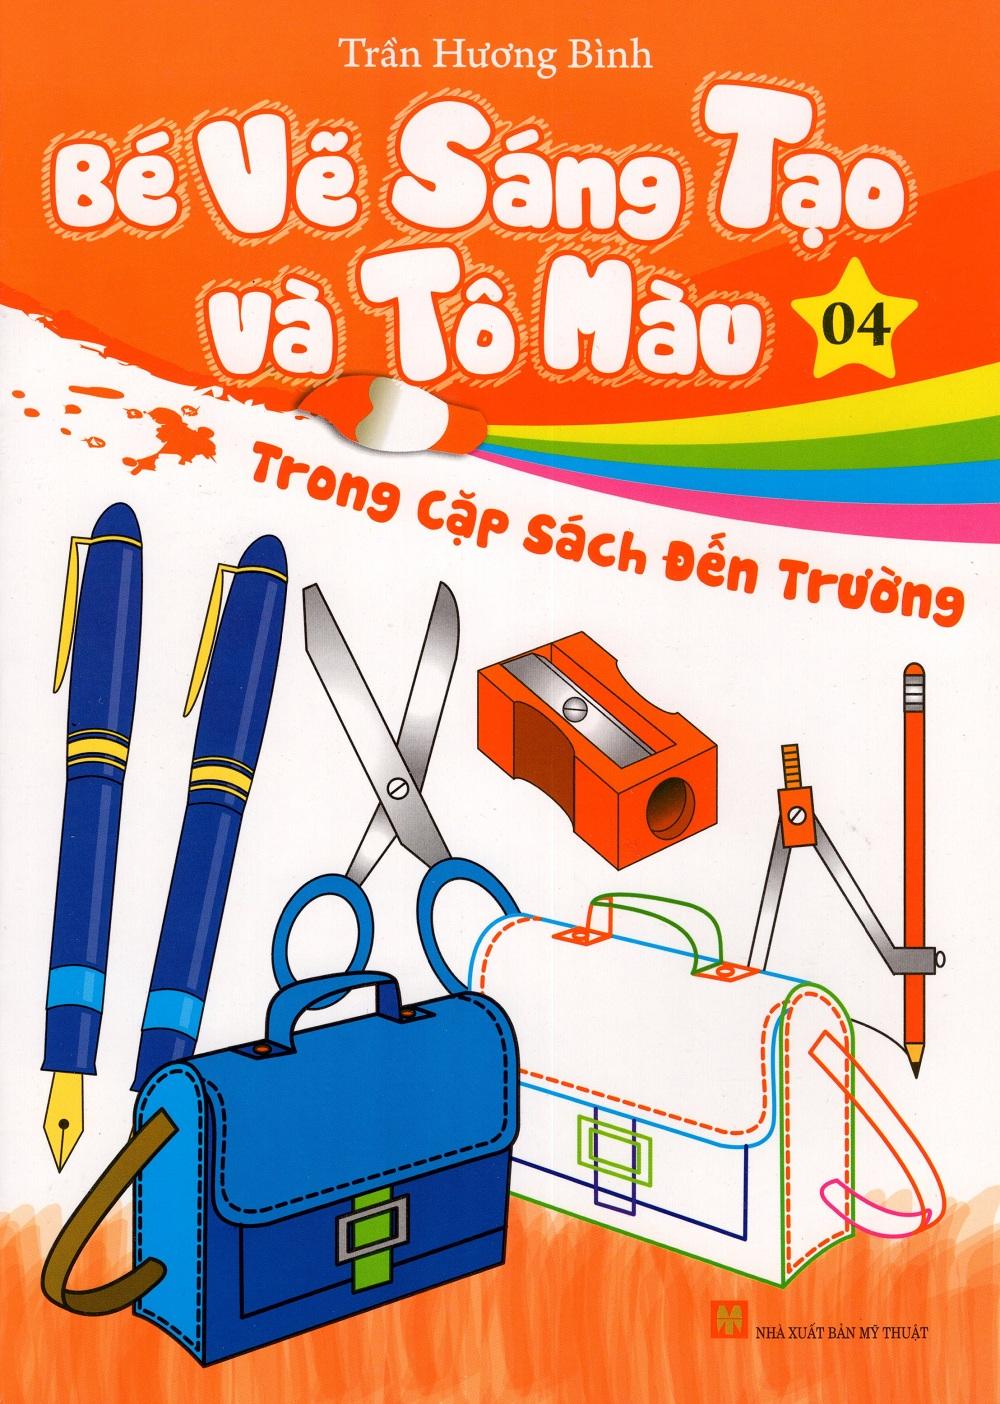 Bìa sách Bé Vẽ Sáng Tạo Và Tô Màu (Tập 4) - Trong Cặp Sách Đến Trường